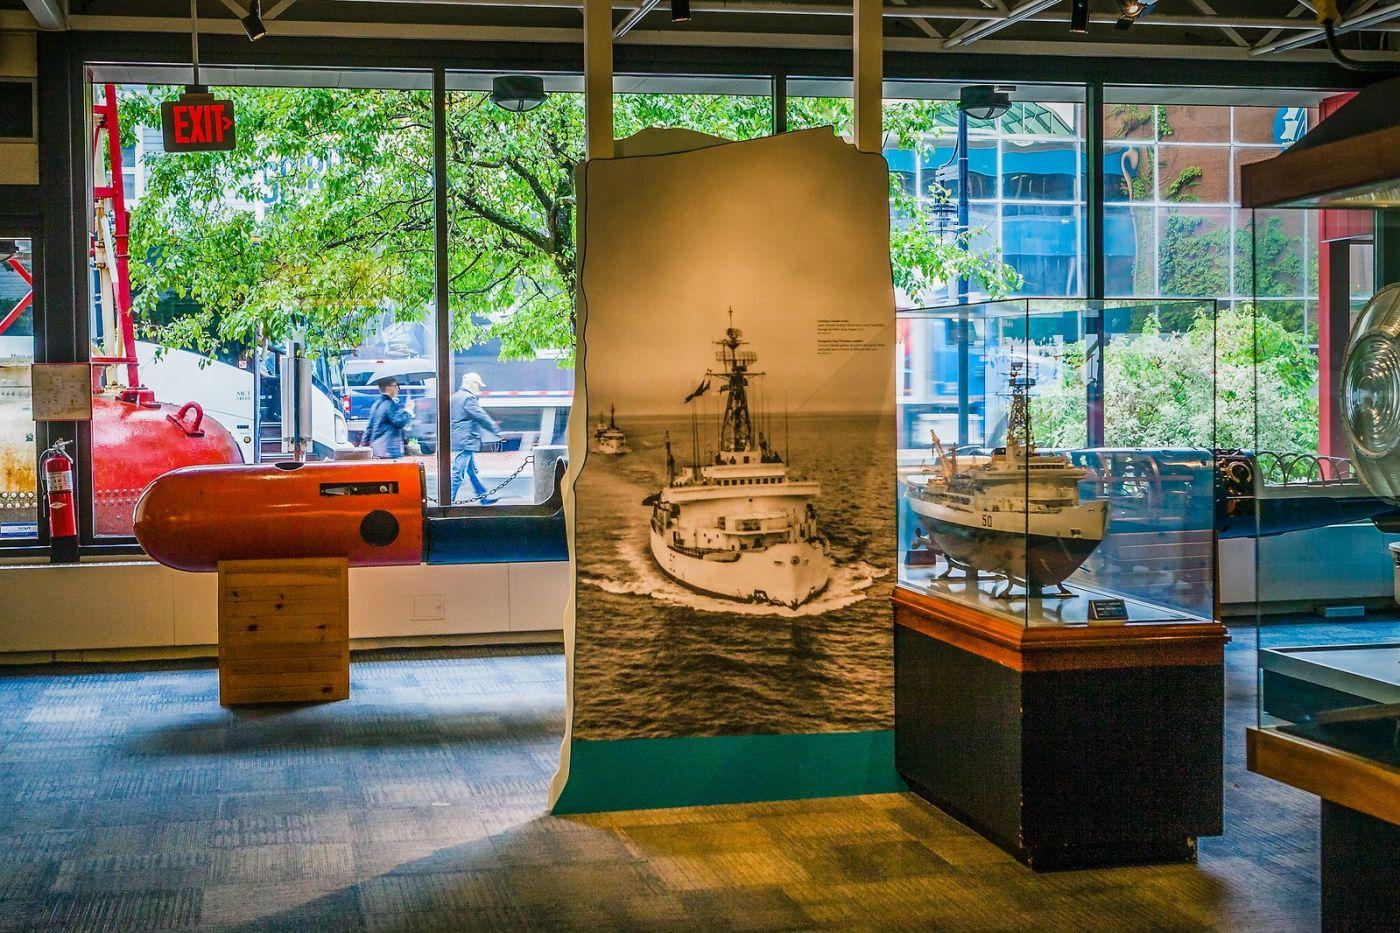 加拿大哈利法克斯(Halifax)大西洋海事博物馆_图1-2